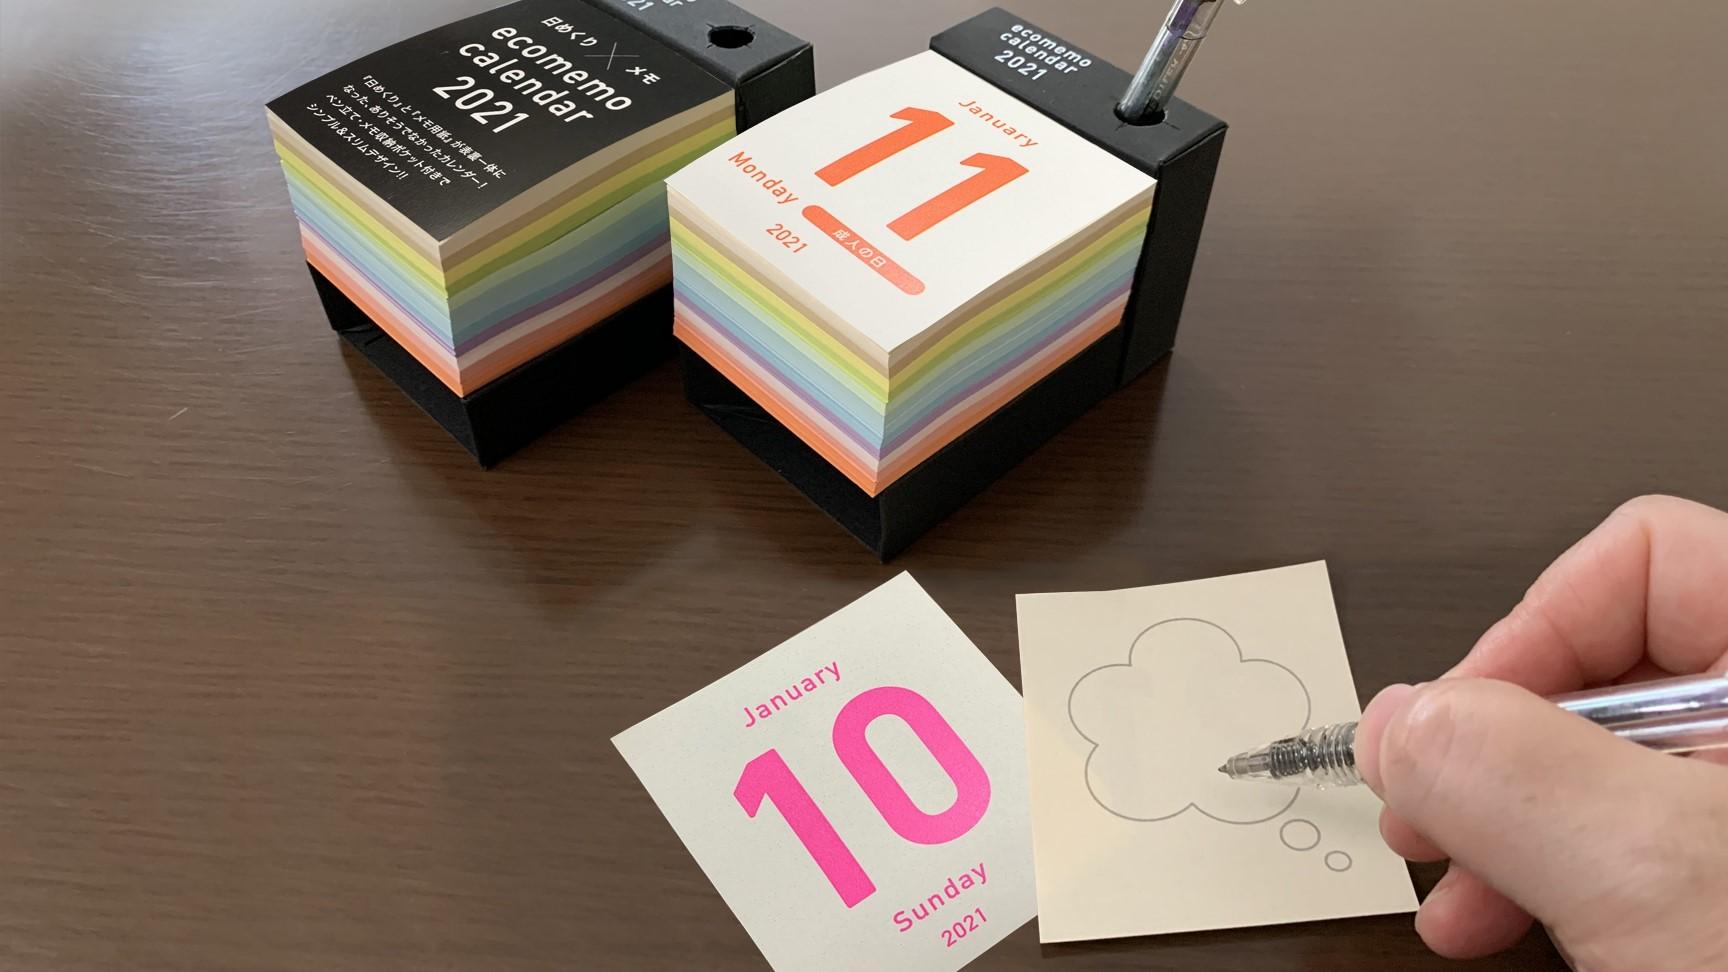 大塚商会主催のカレンダーコンテストで、弊社作品が2位に入賞!